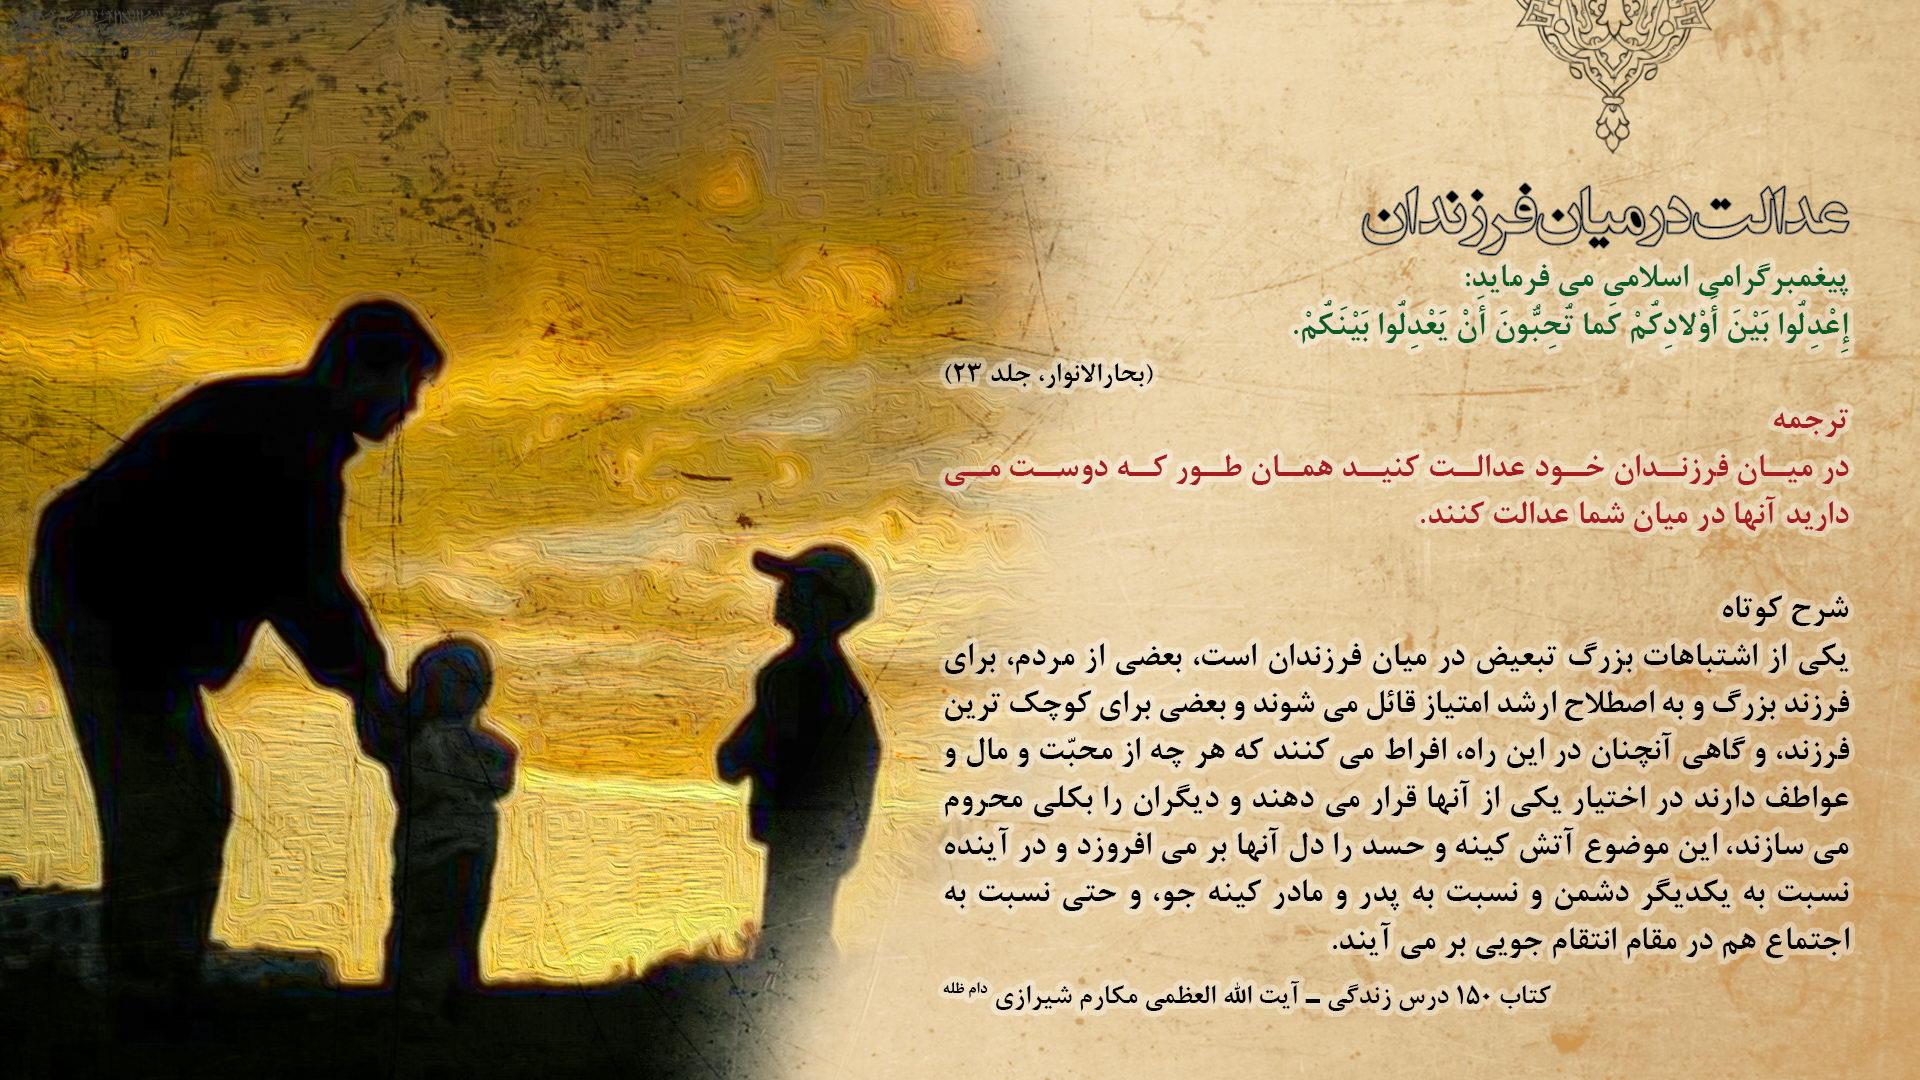 عدالت در میان فرزندان-مدرسه الامام امیر المومنین (ع)